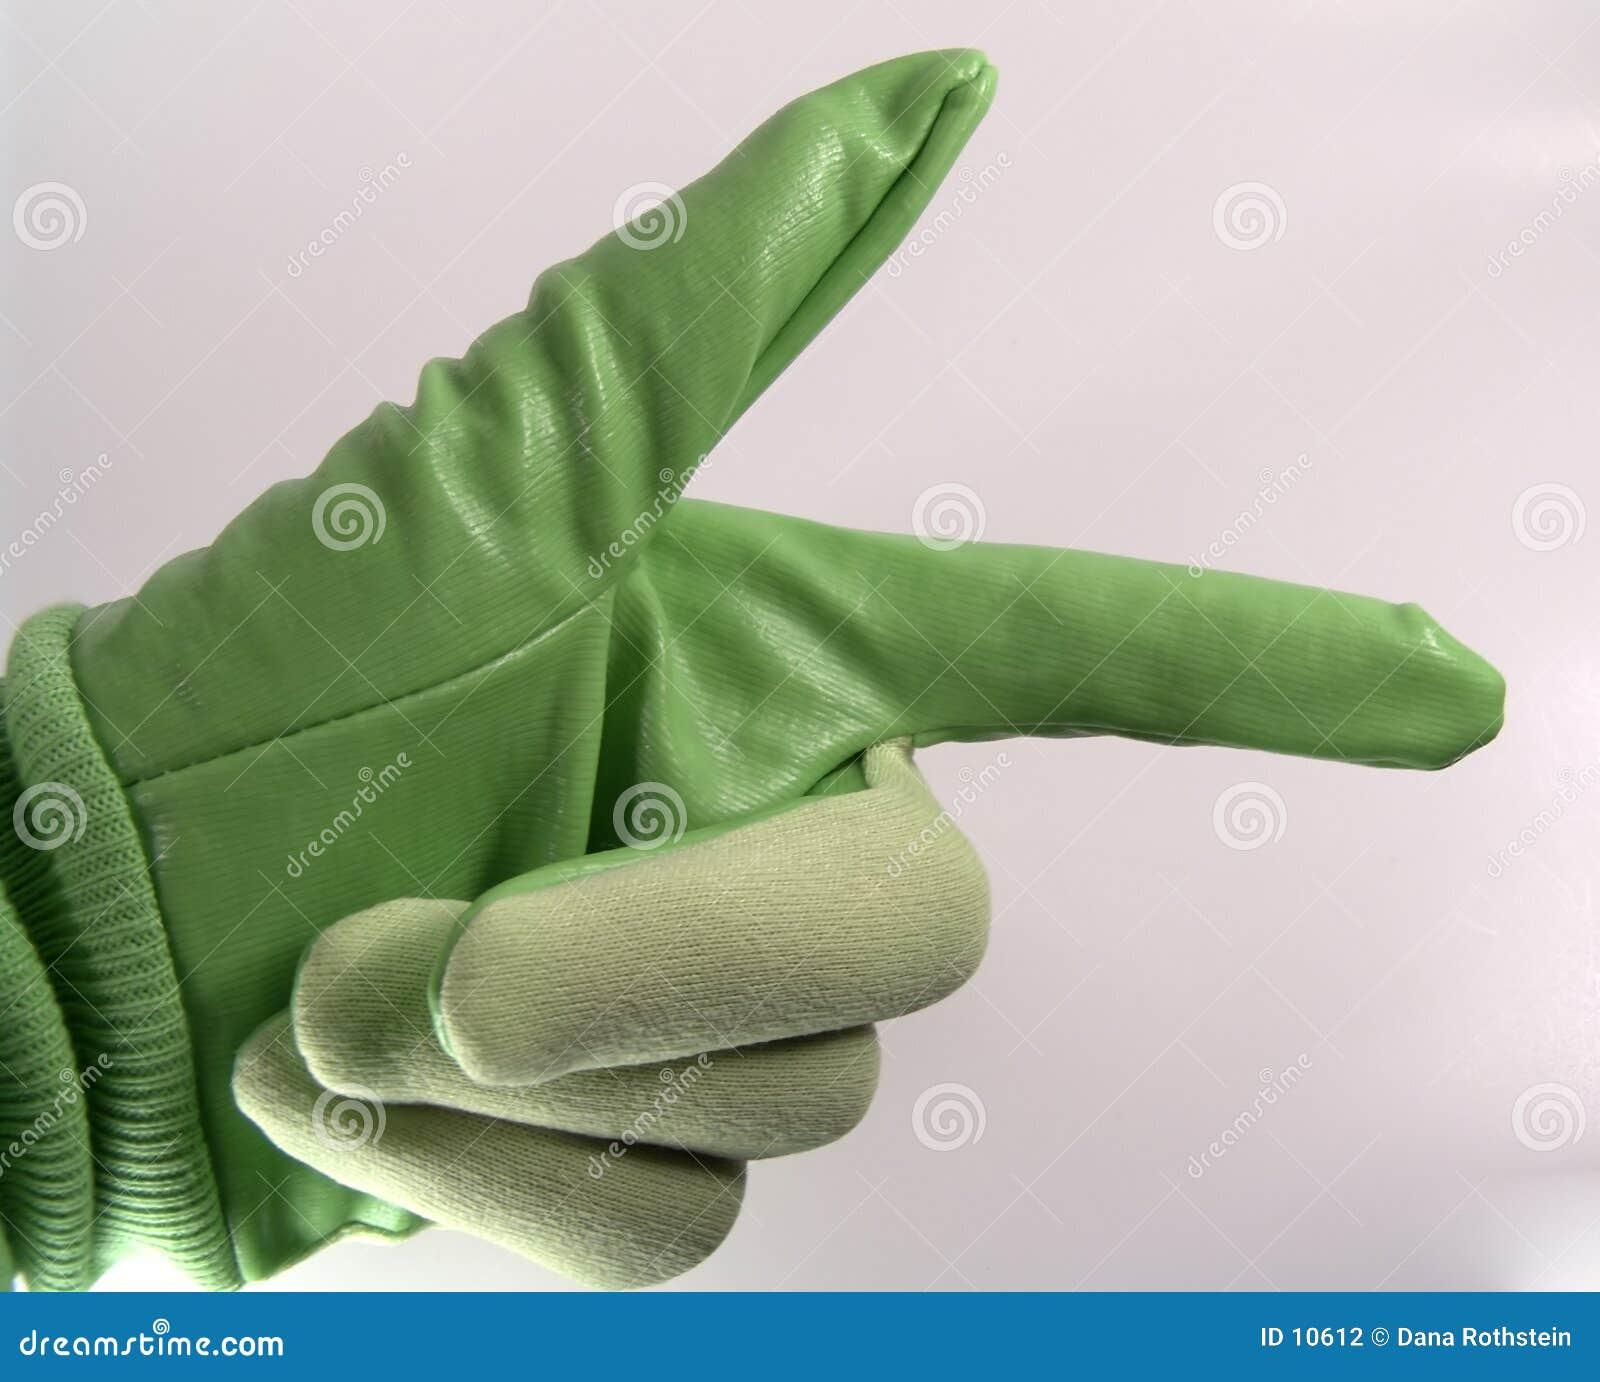 指向手套的绿色